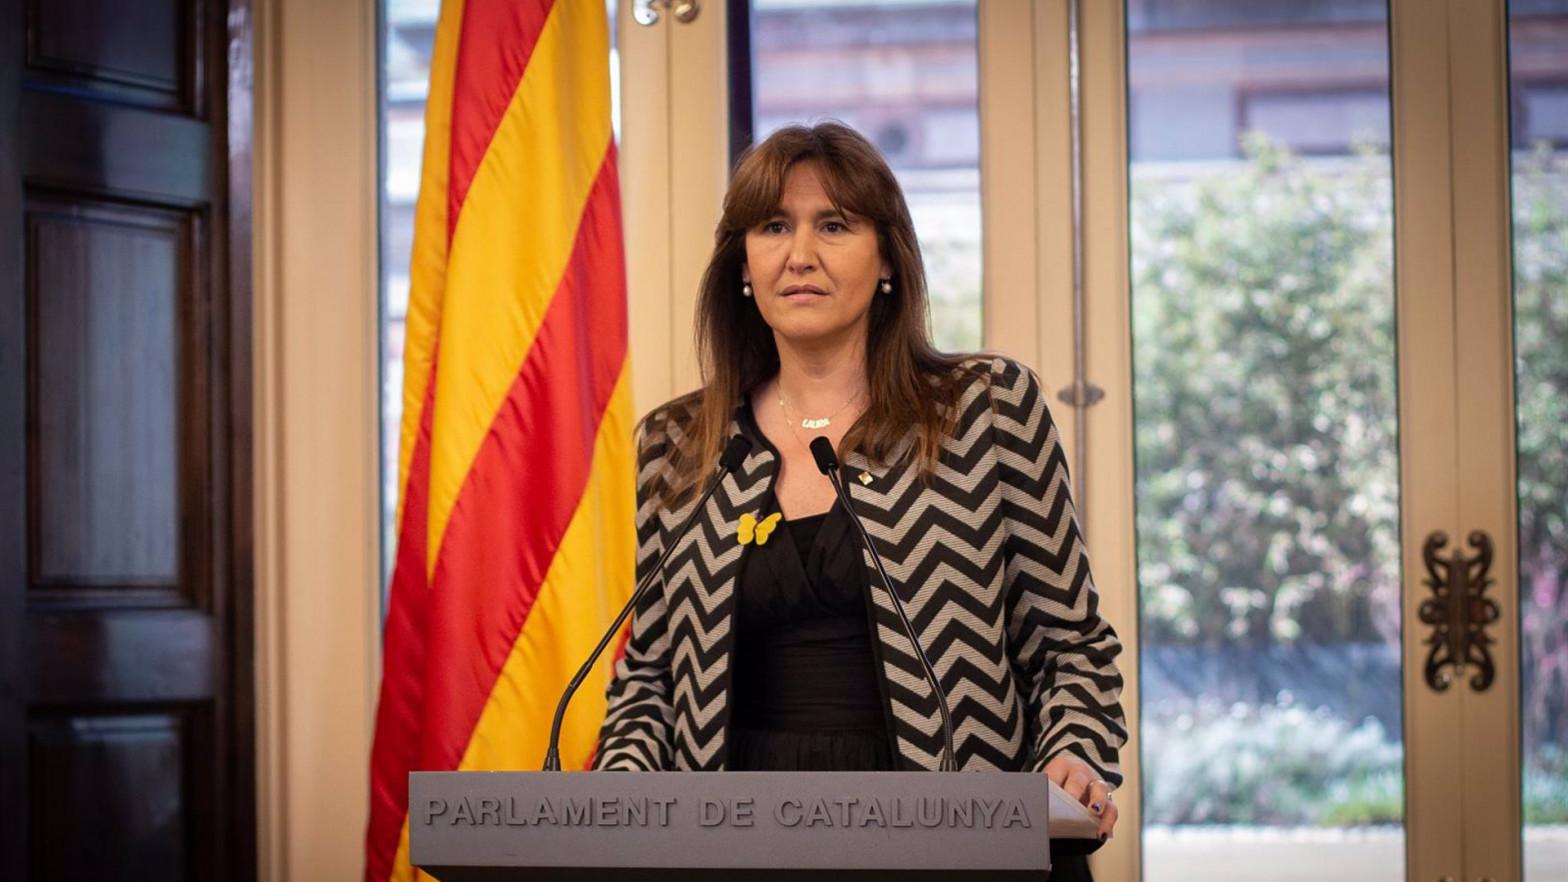 La presidenta del Parlament intenta evitar la detención de una diputada de la CUP